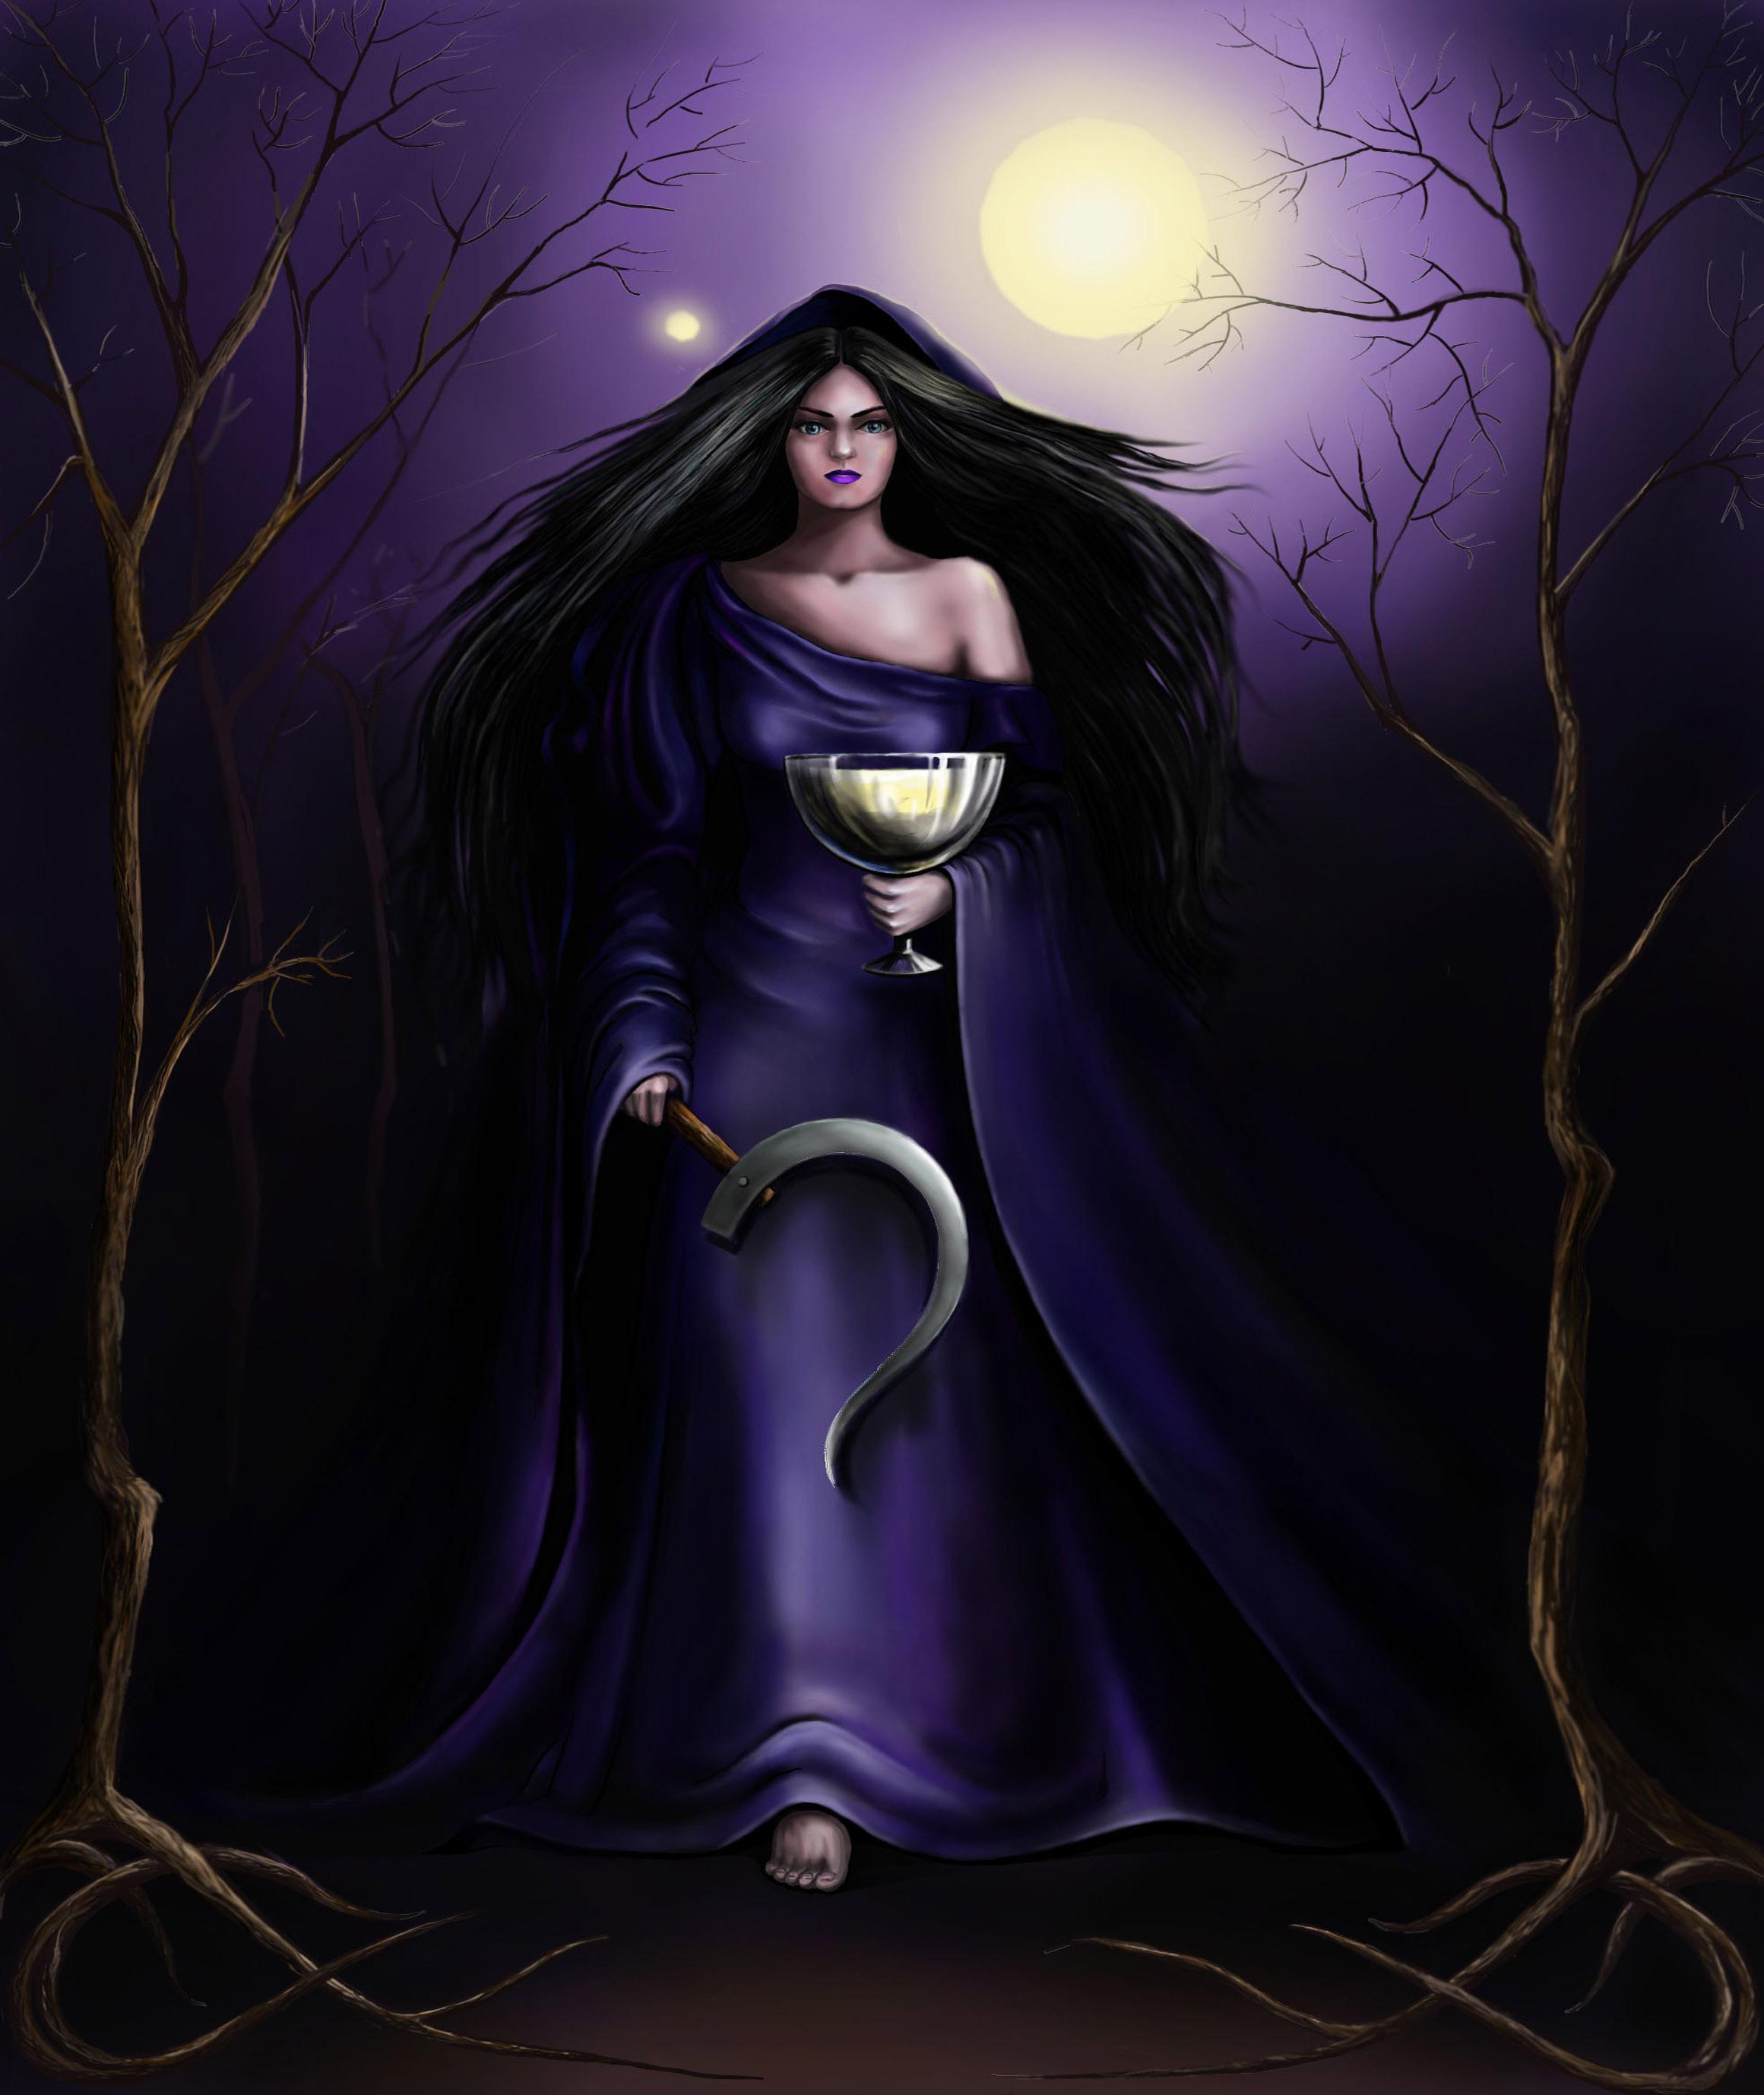 Мара (марена;- богиня смерти, болезней, холода, зимы, зла, ночи, тьмы, черног